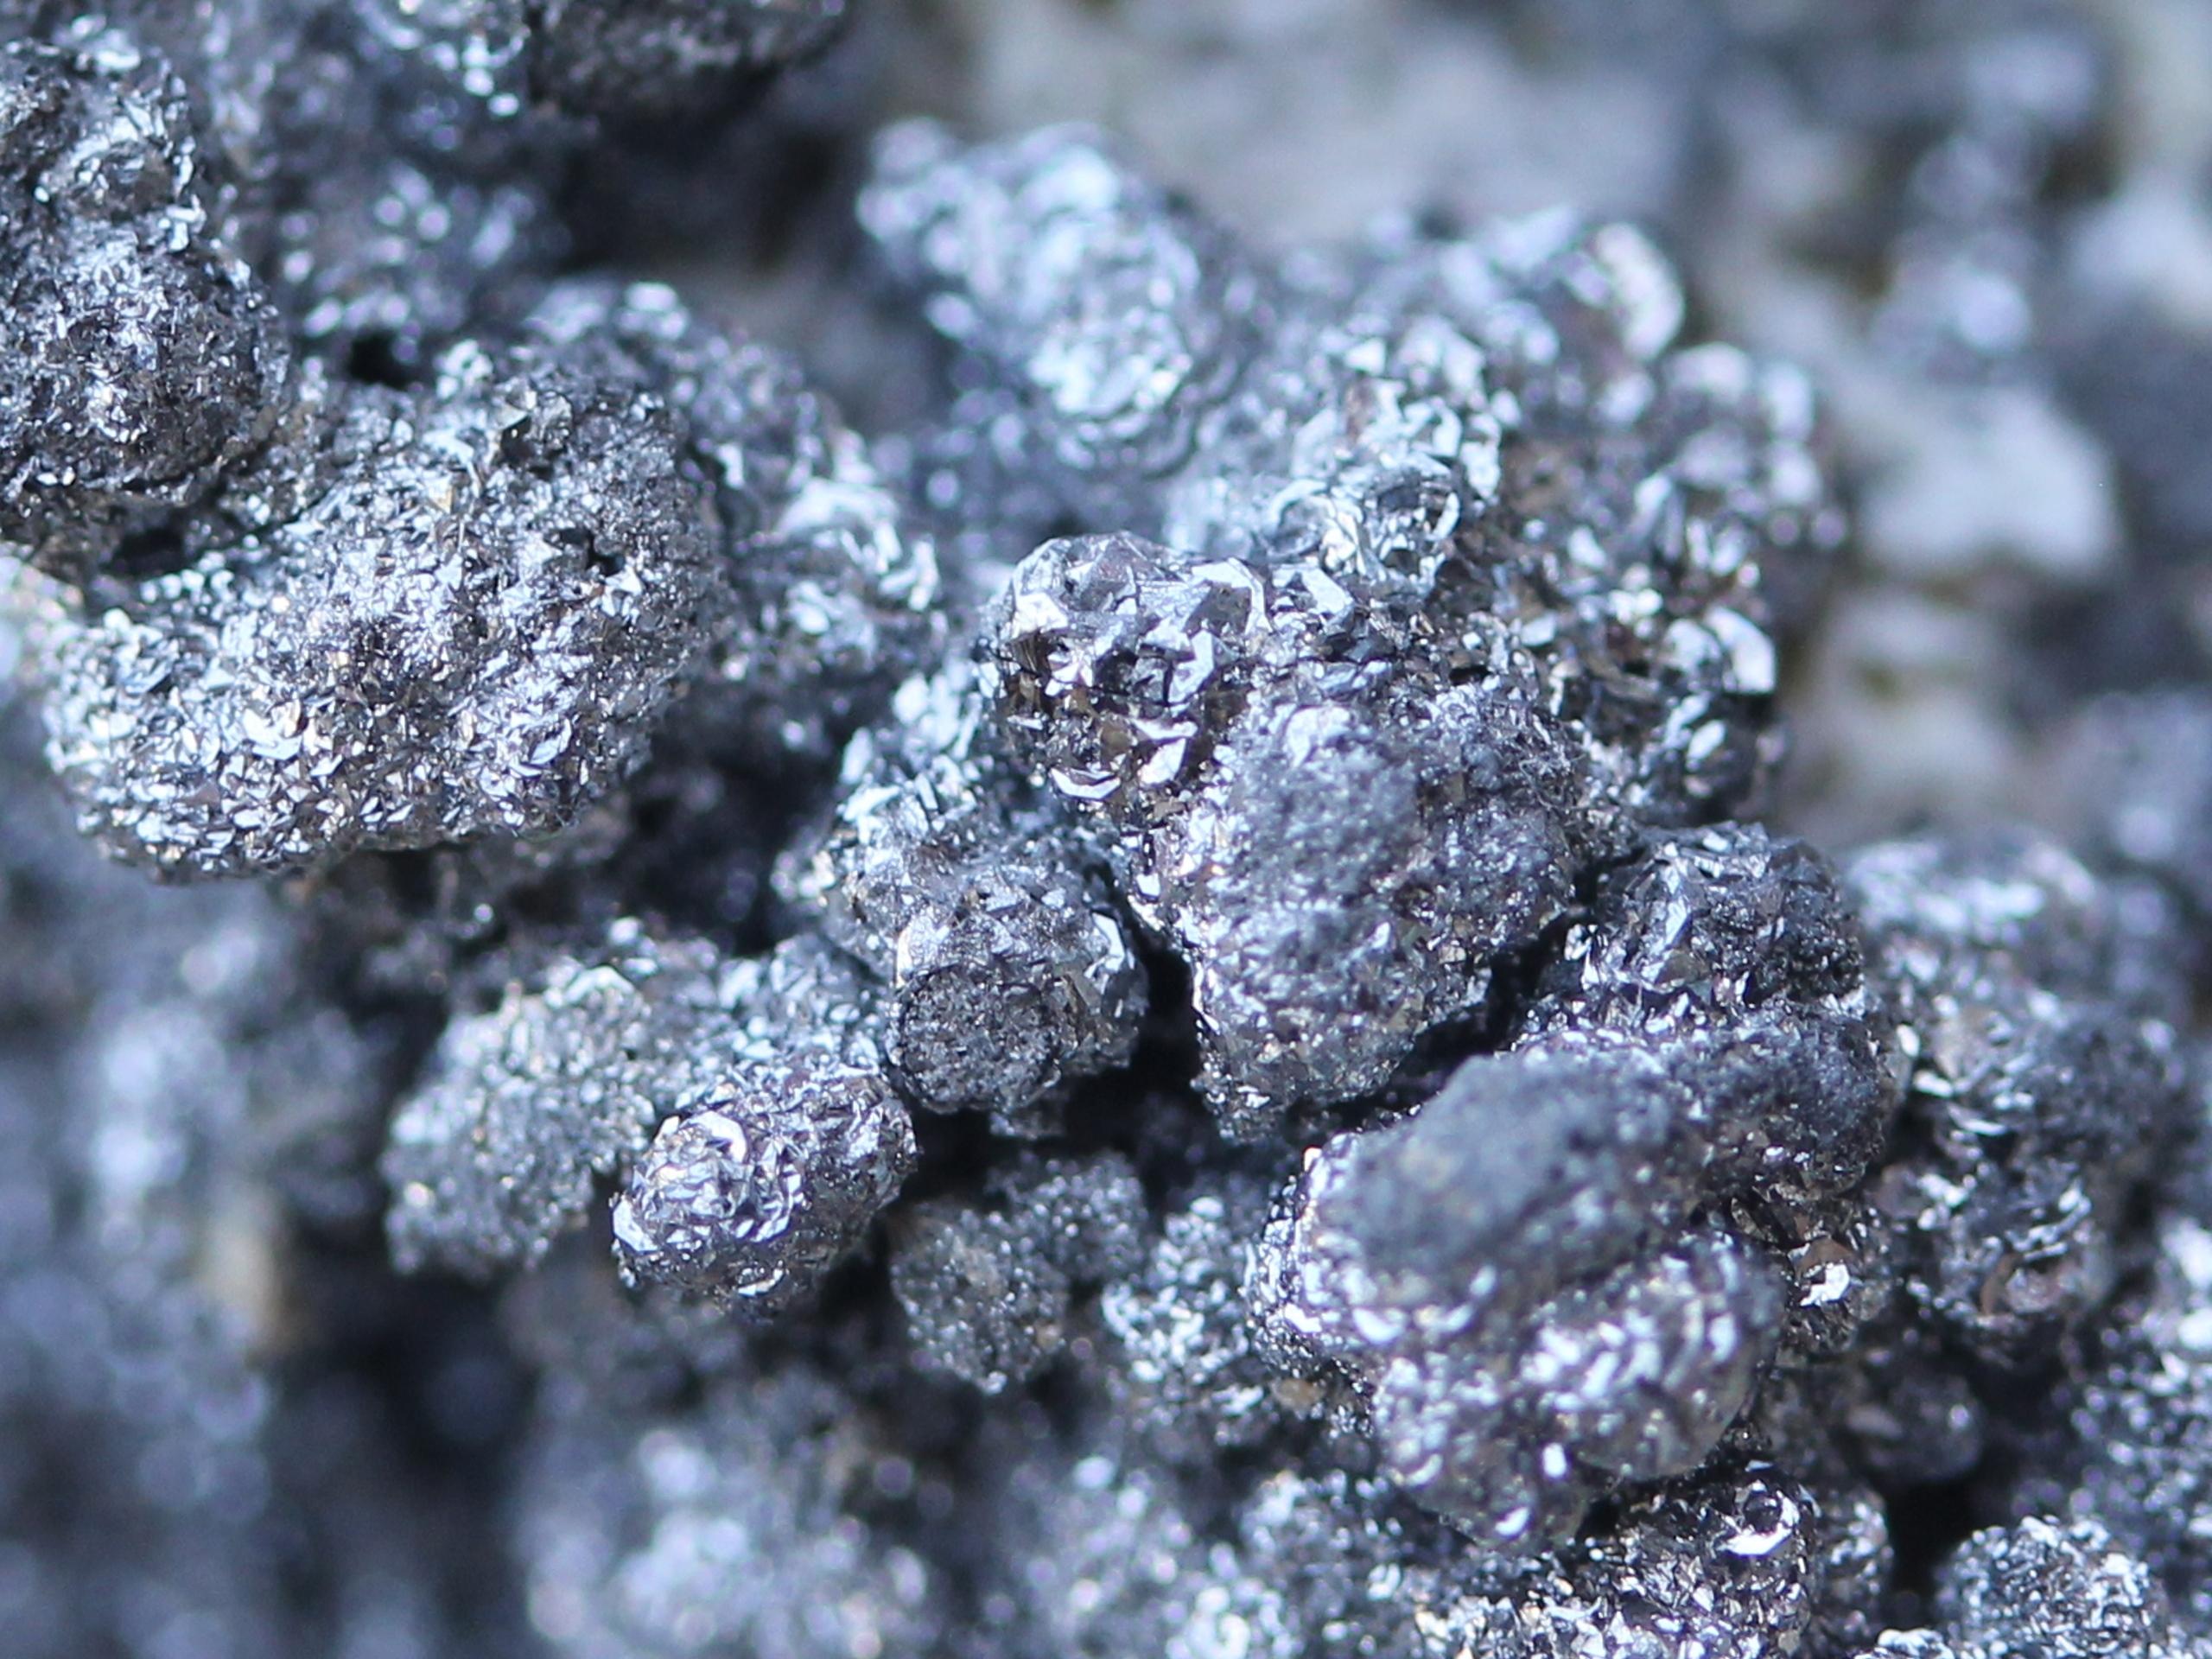 Nickelskutterudite and Safflorite